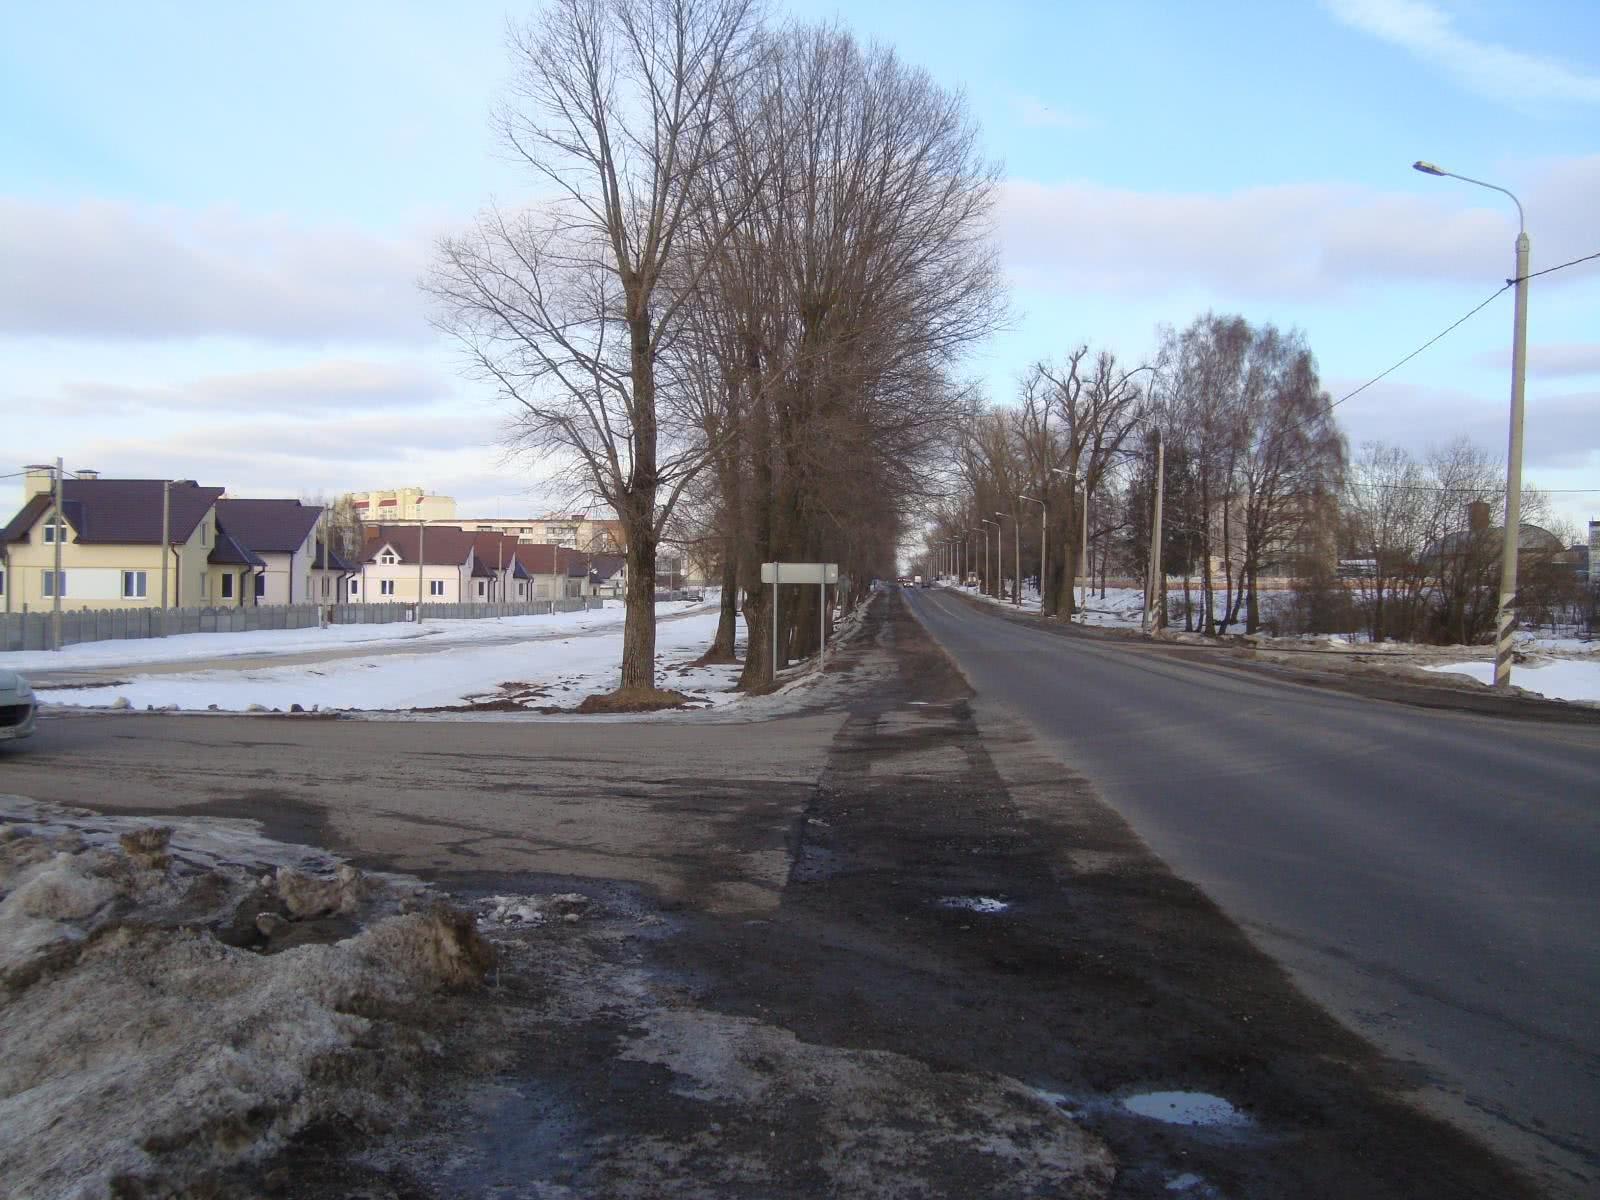 Купить земельный участок, 22 соток, Сеница, Минская область - фото 3